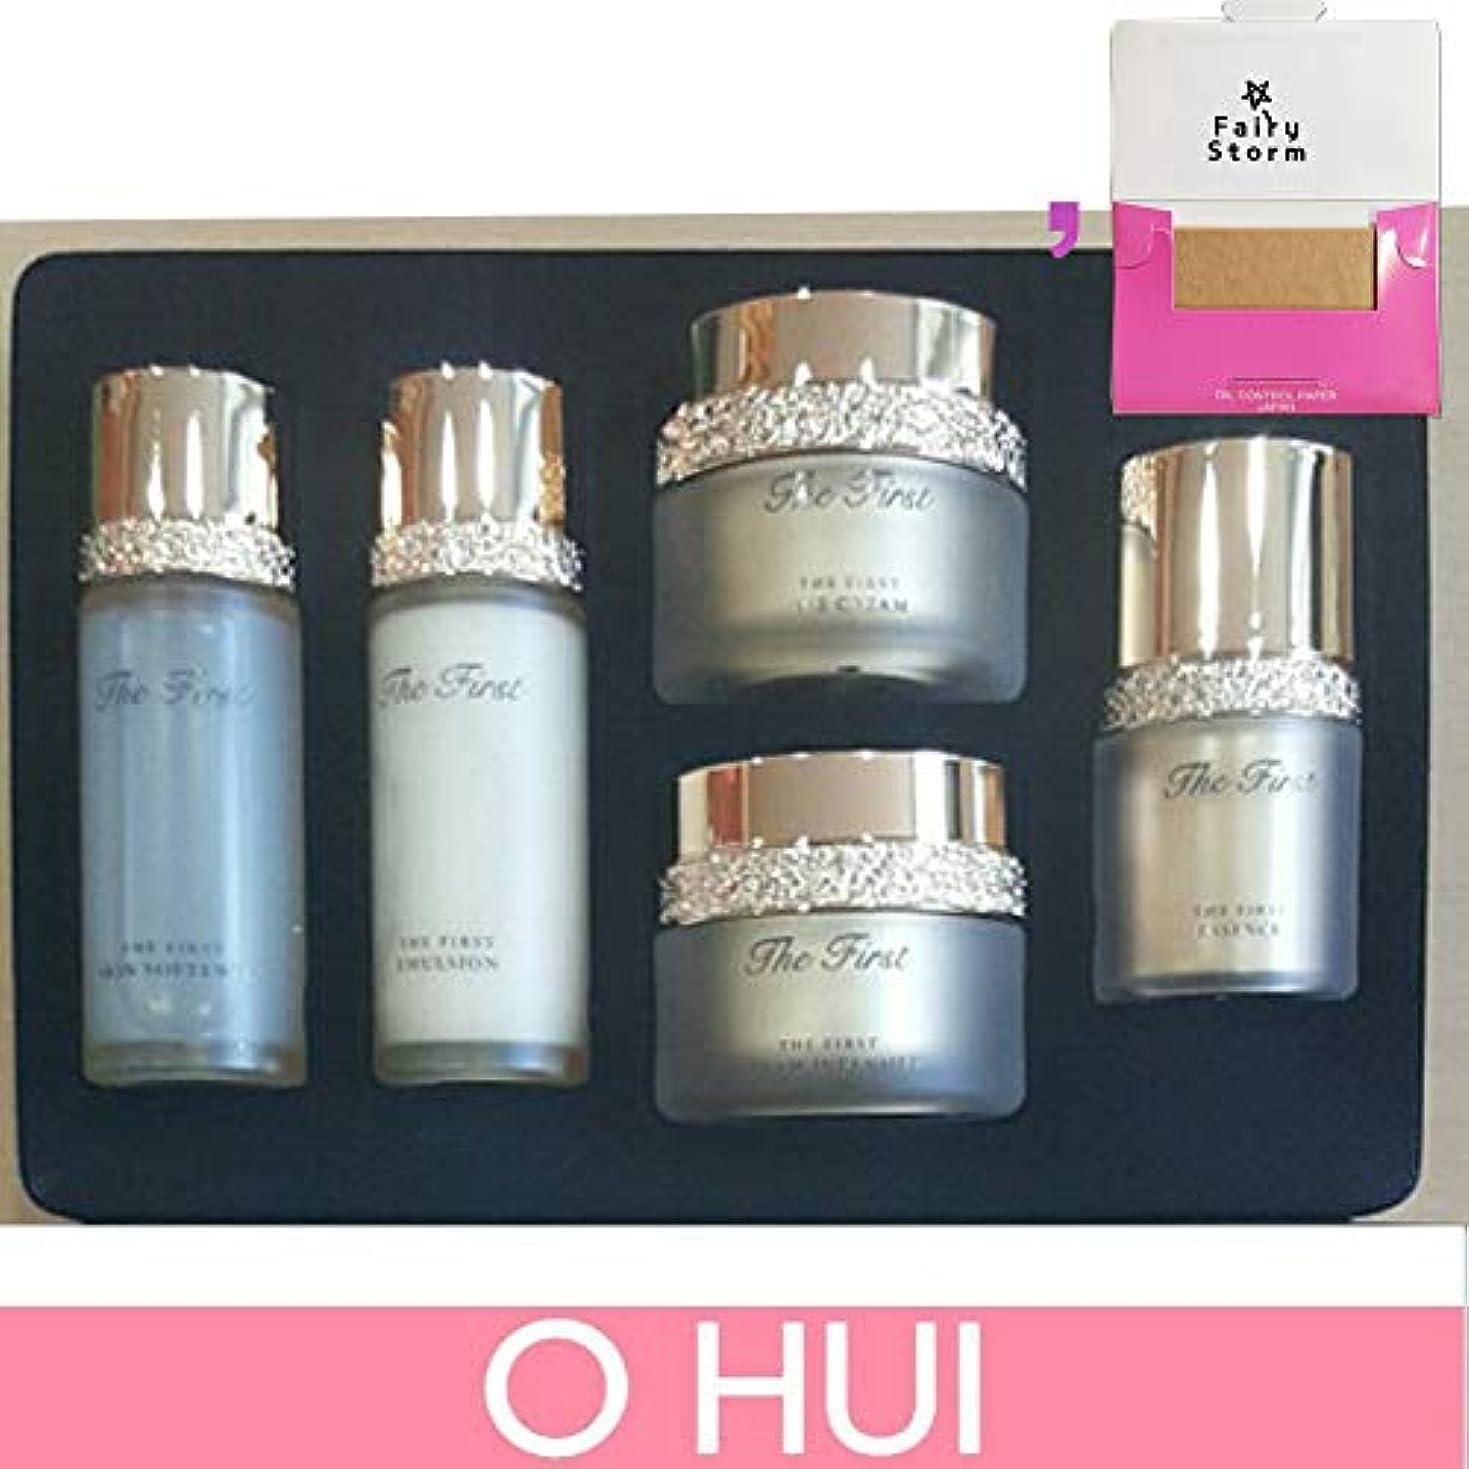 新しさ国未使用[オフィ/O HUI]韓国化粧品 LG生活健康/OHUI the First Cell Revolution 5pcs Special Kit Set + [Sample Gift](海外直送品)